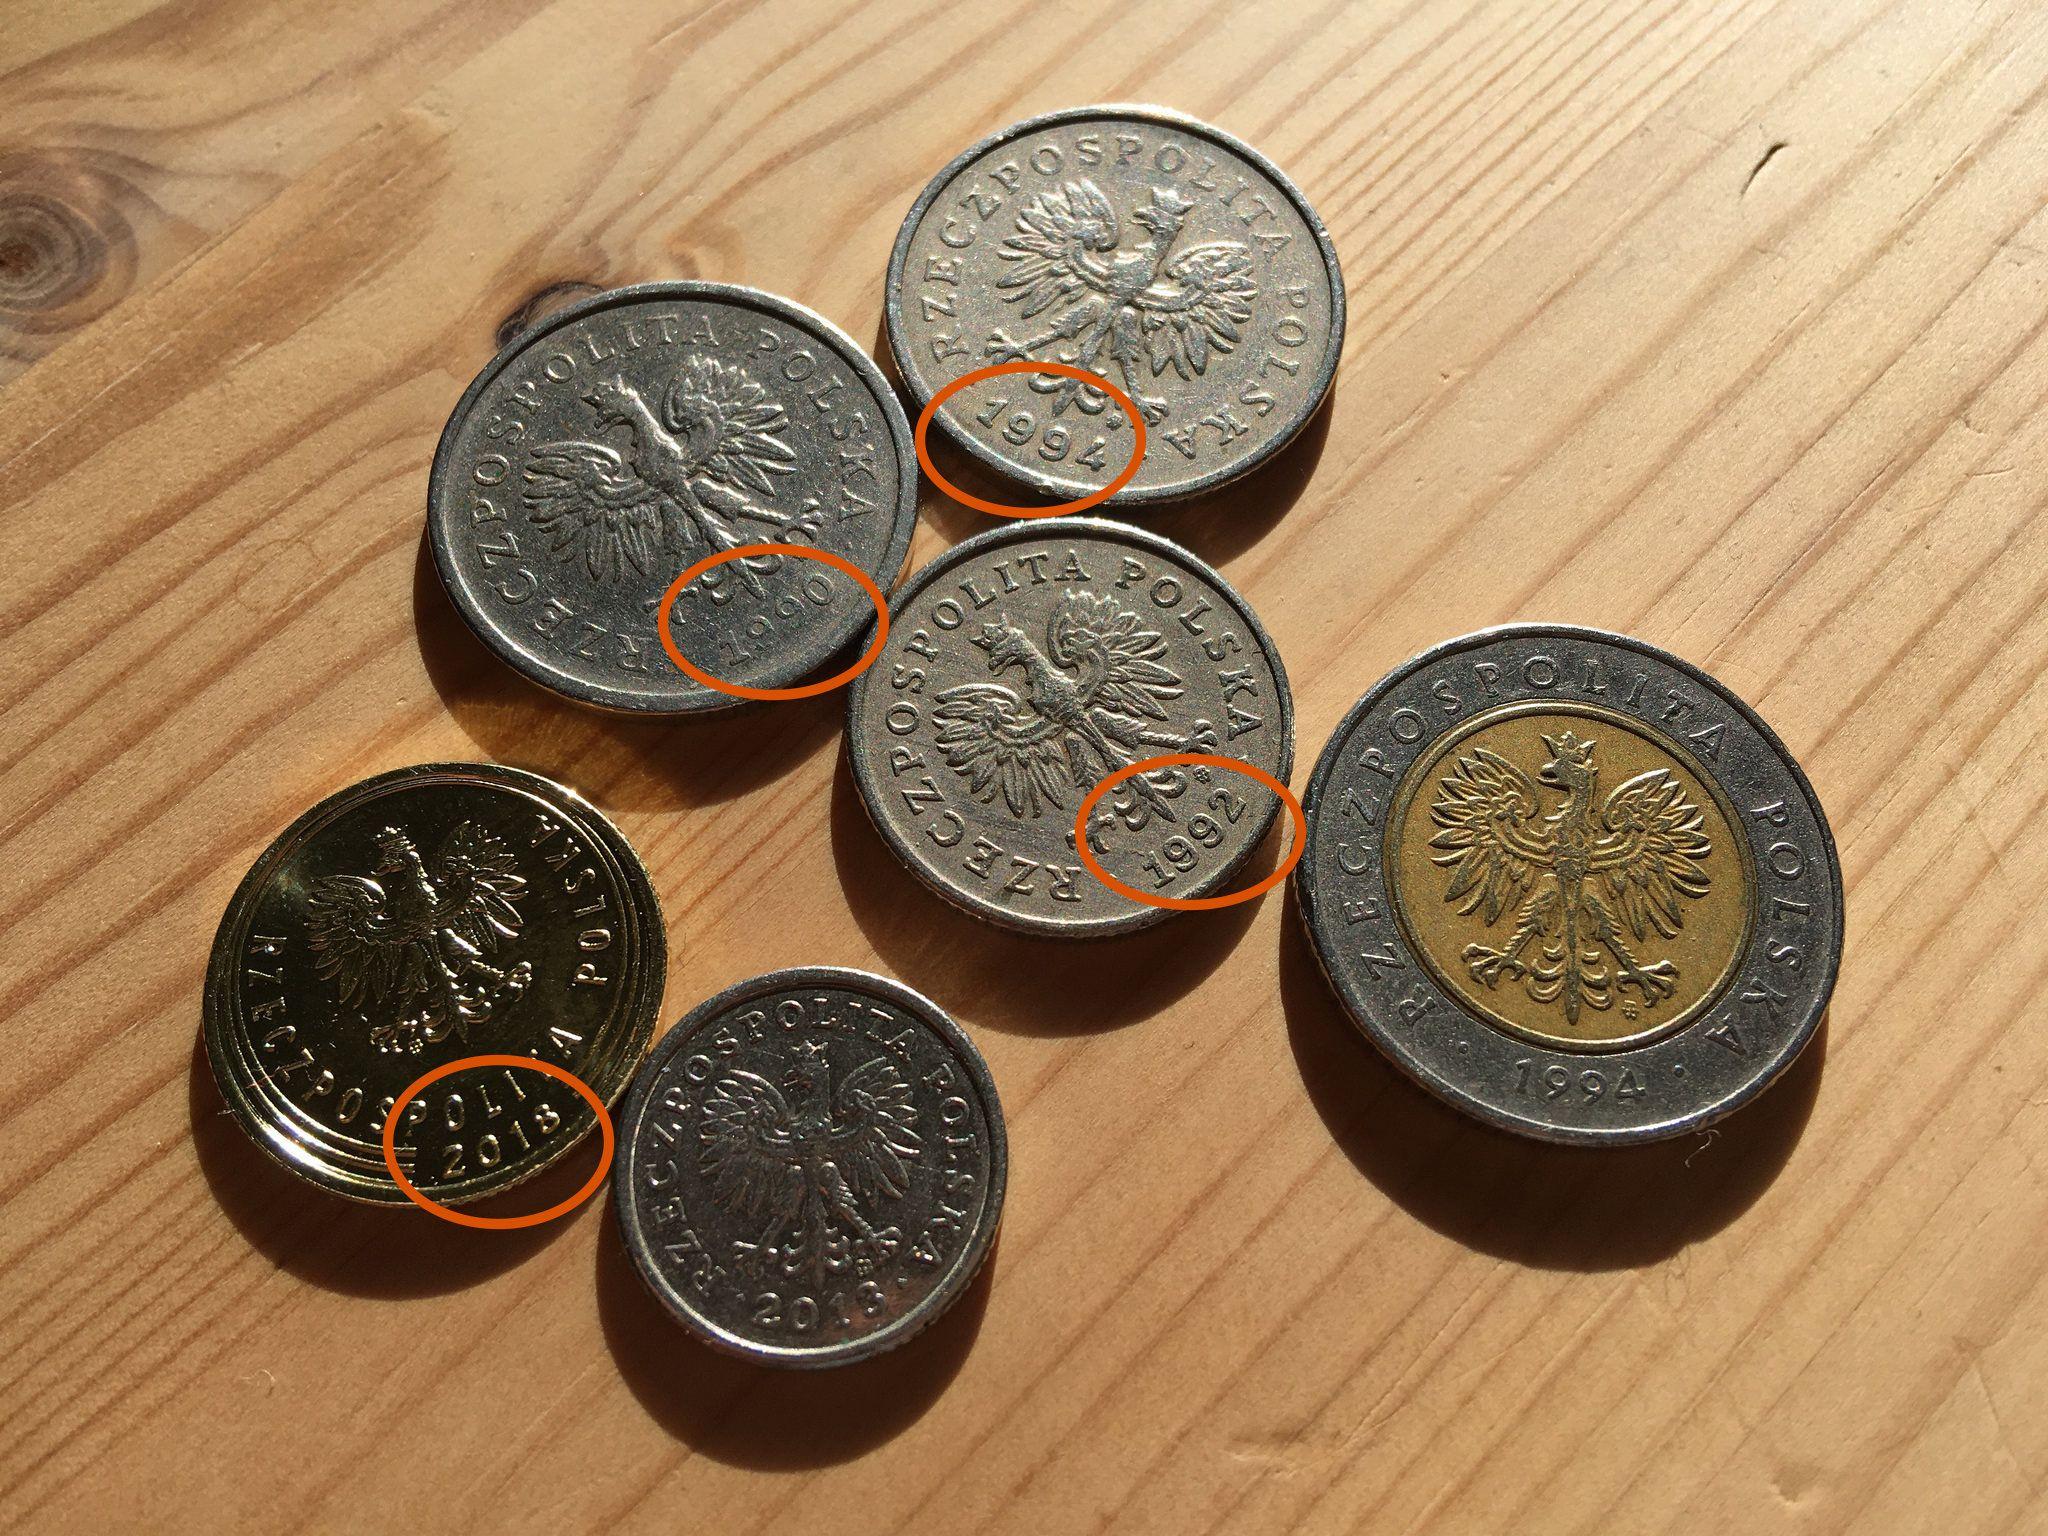 Монеты Польши с годами выпуска: 1990, 1992, 1994 и 2018